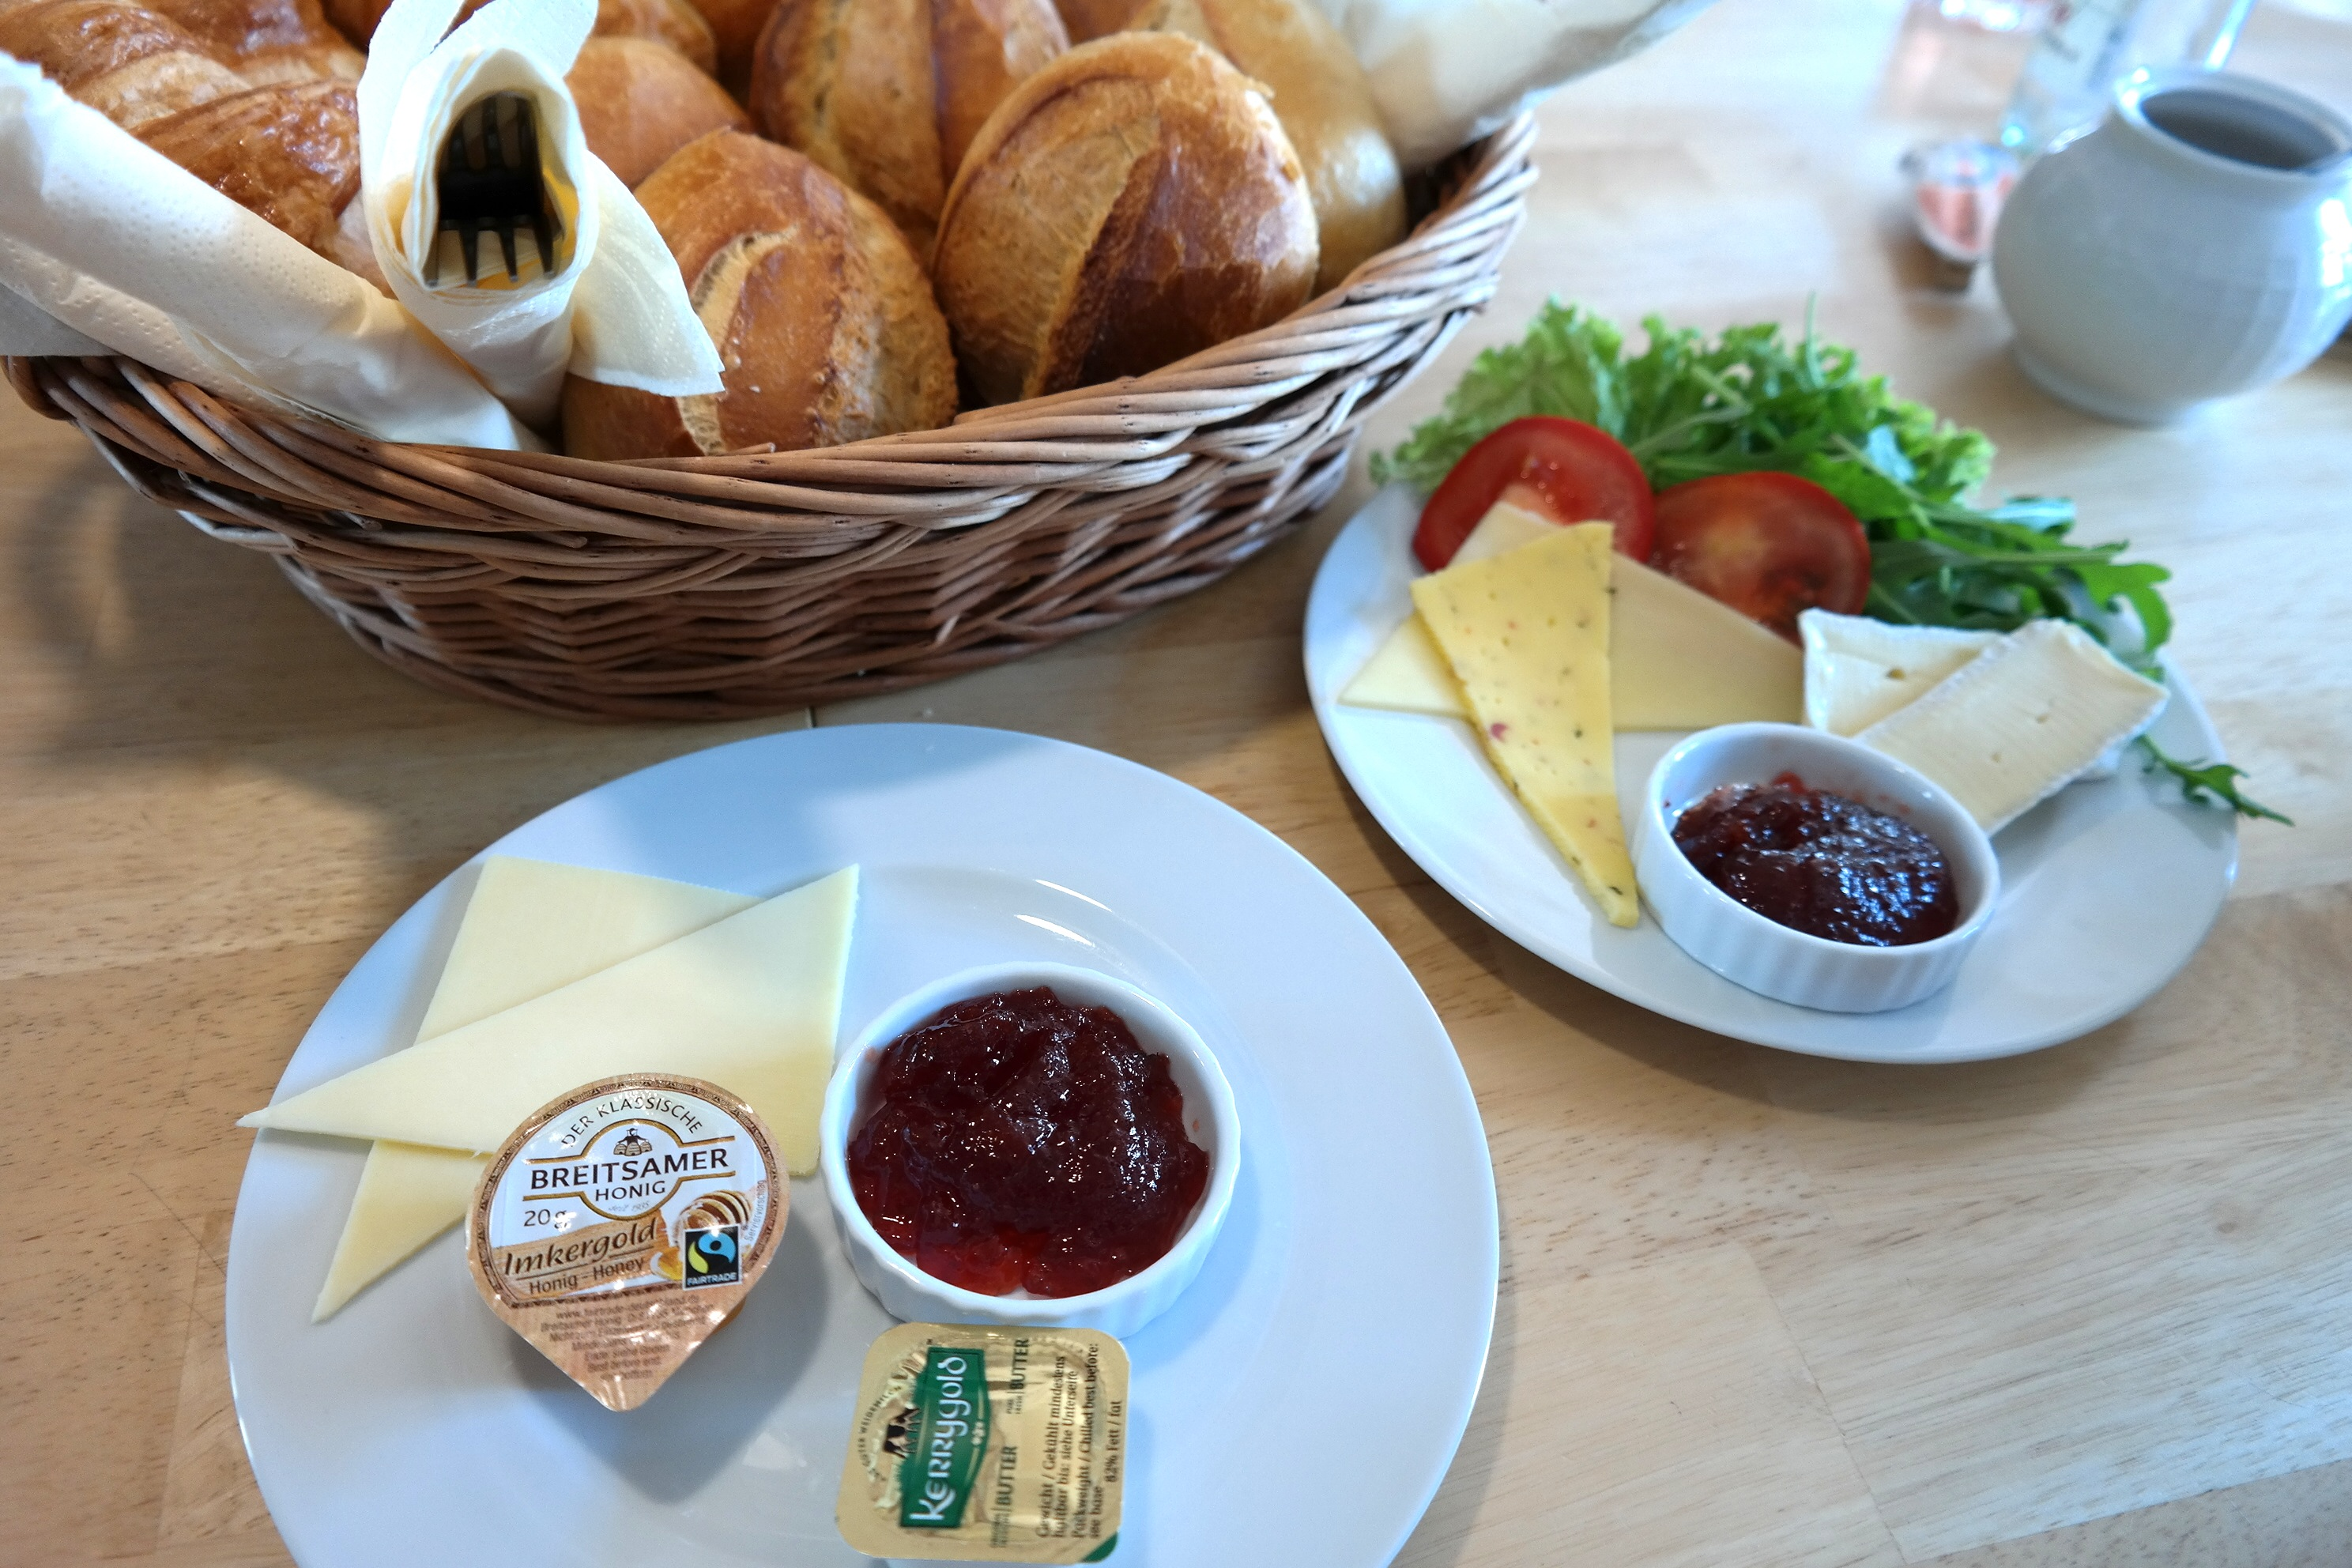 Mayras Wohnzimmercafe Bonn Beuel Bloggertreffen Event Frühstück